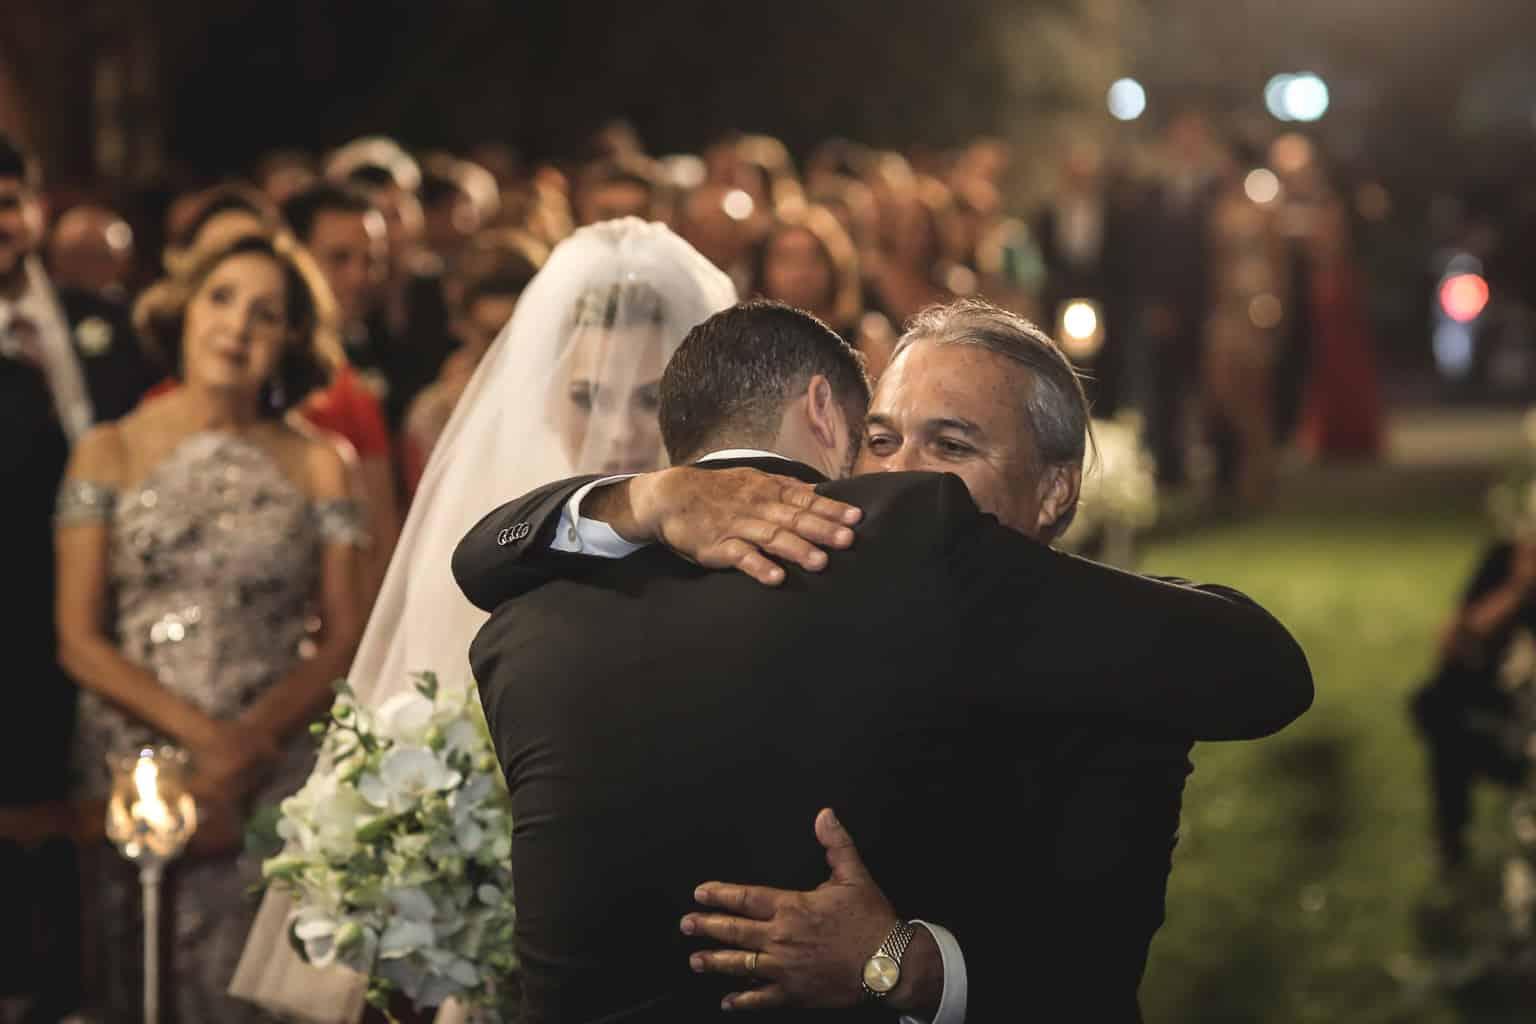 casamento-Juliana-e-Eduardo-cerimonia-Fotografia-Ricardo-Nascimento-e-Thereza-magno-Usina-dois-irmãos52